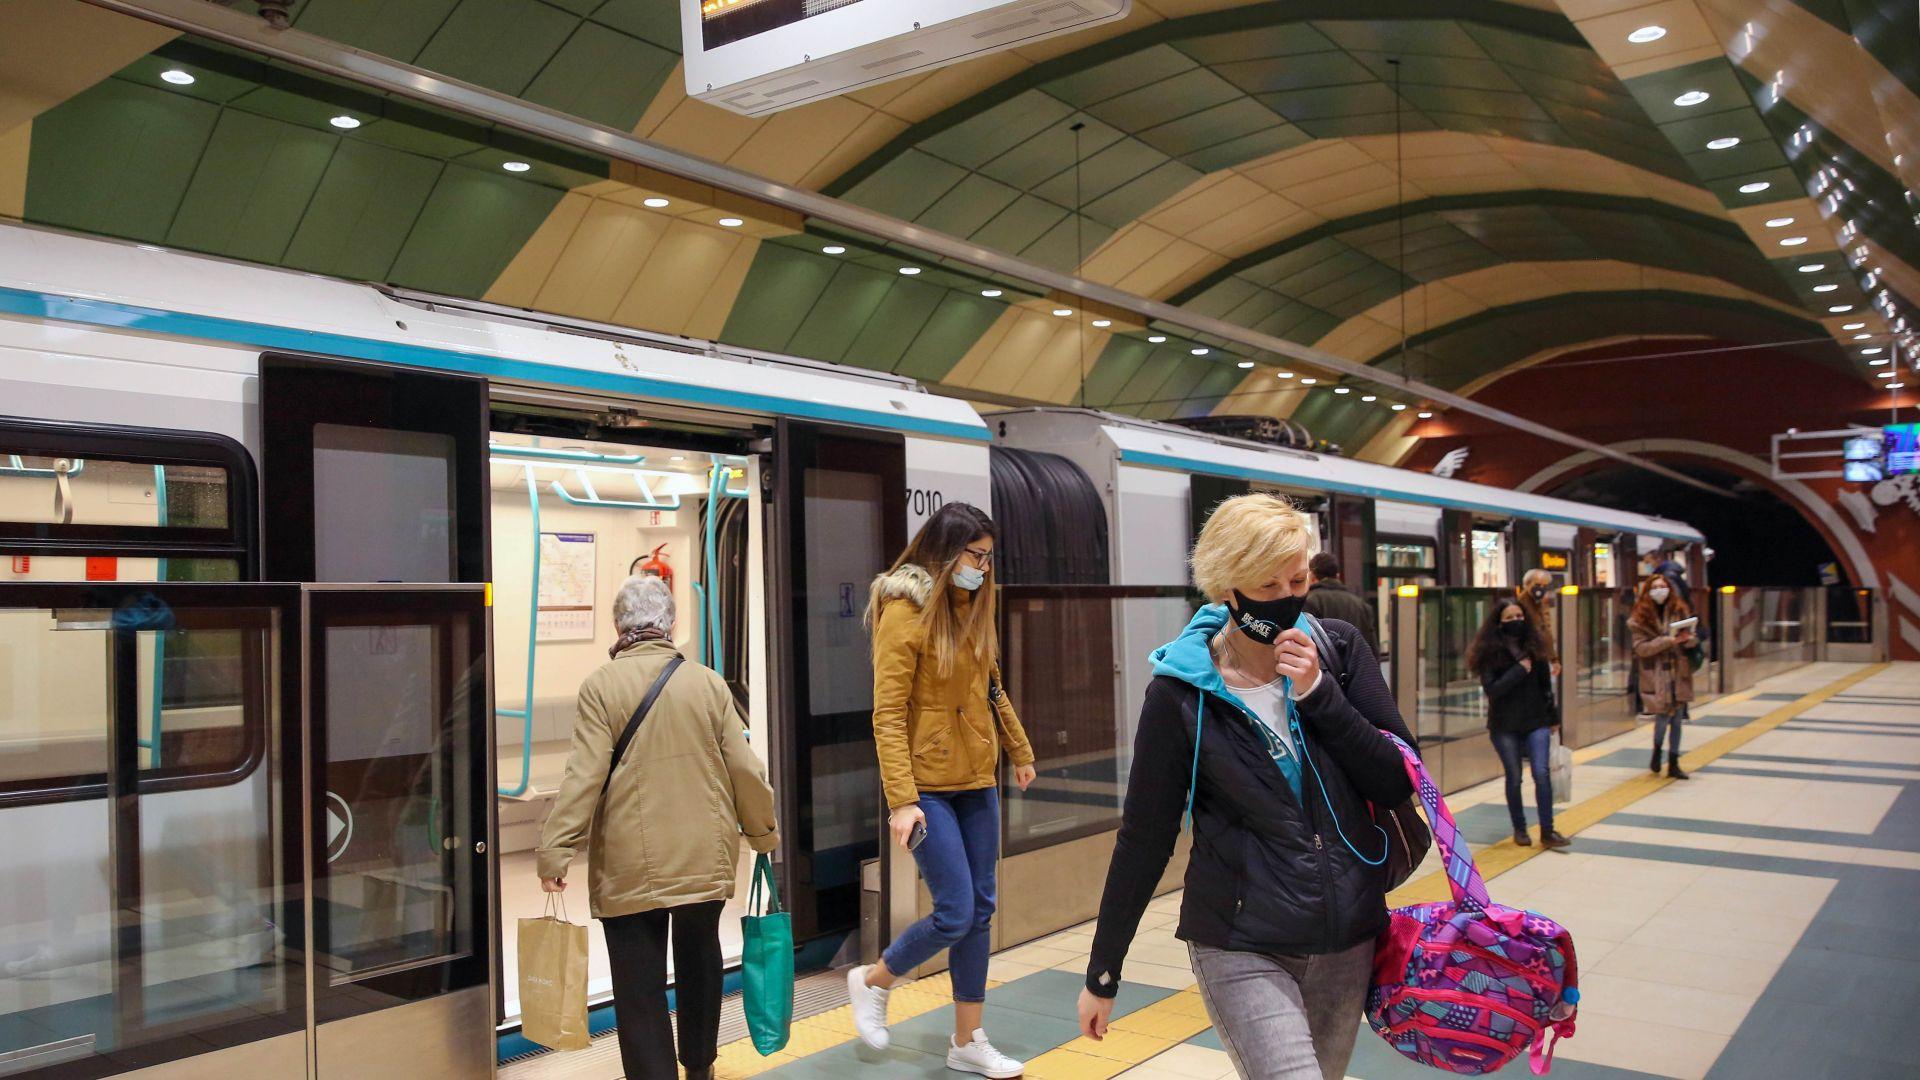 Троен спад на пътниците в метрото, на 300 пункта продават билети